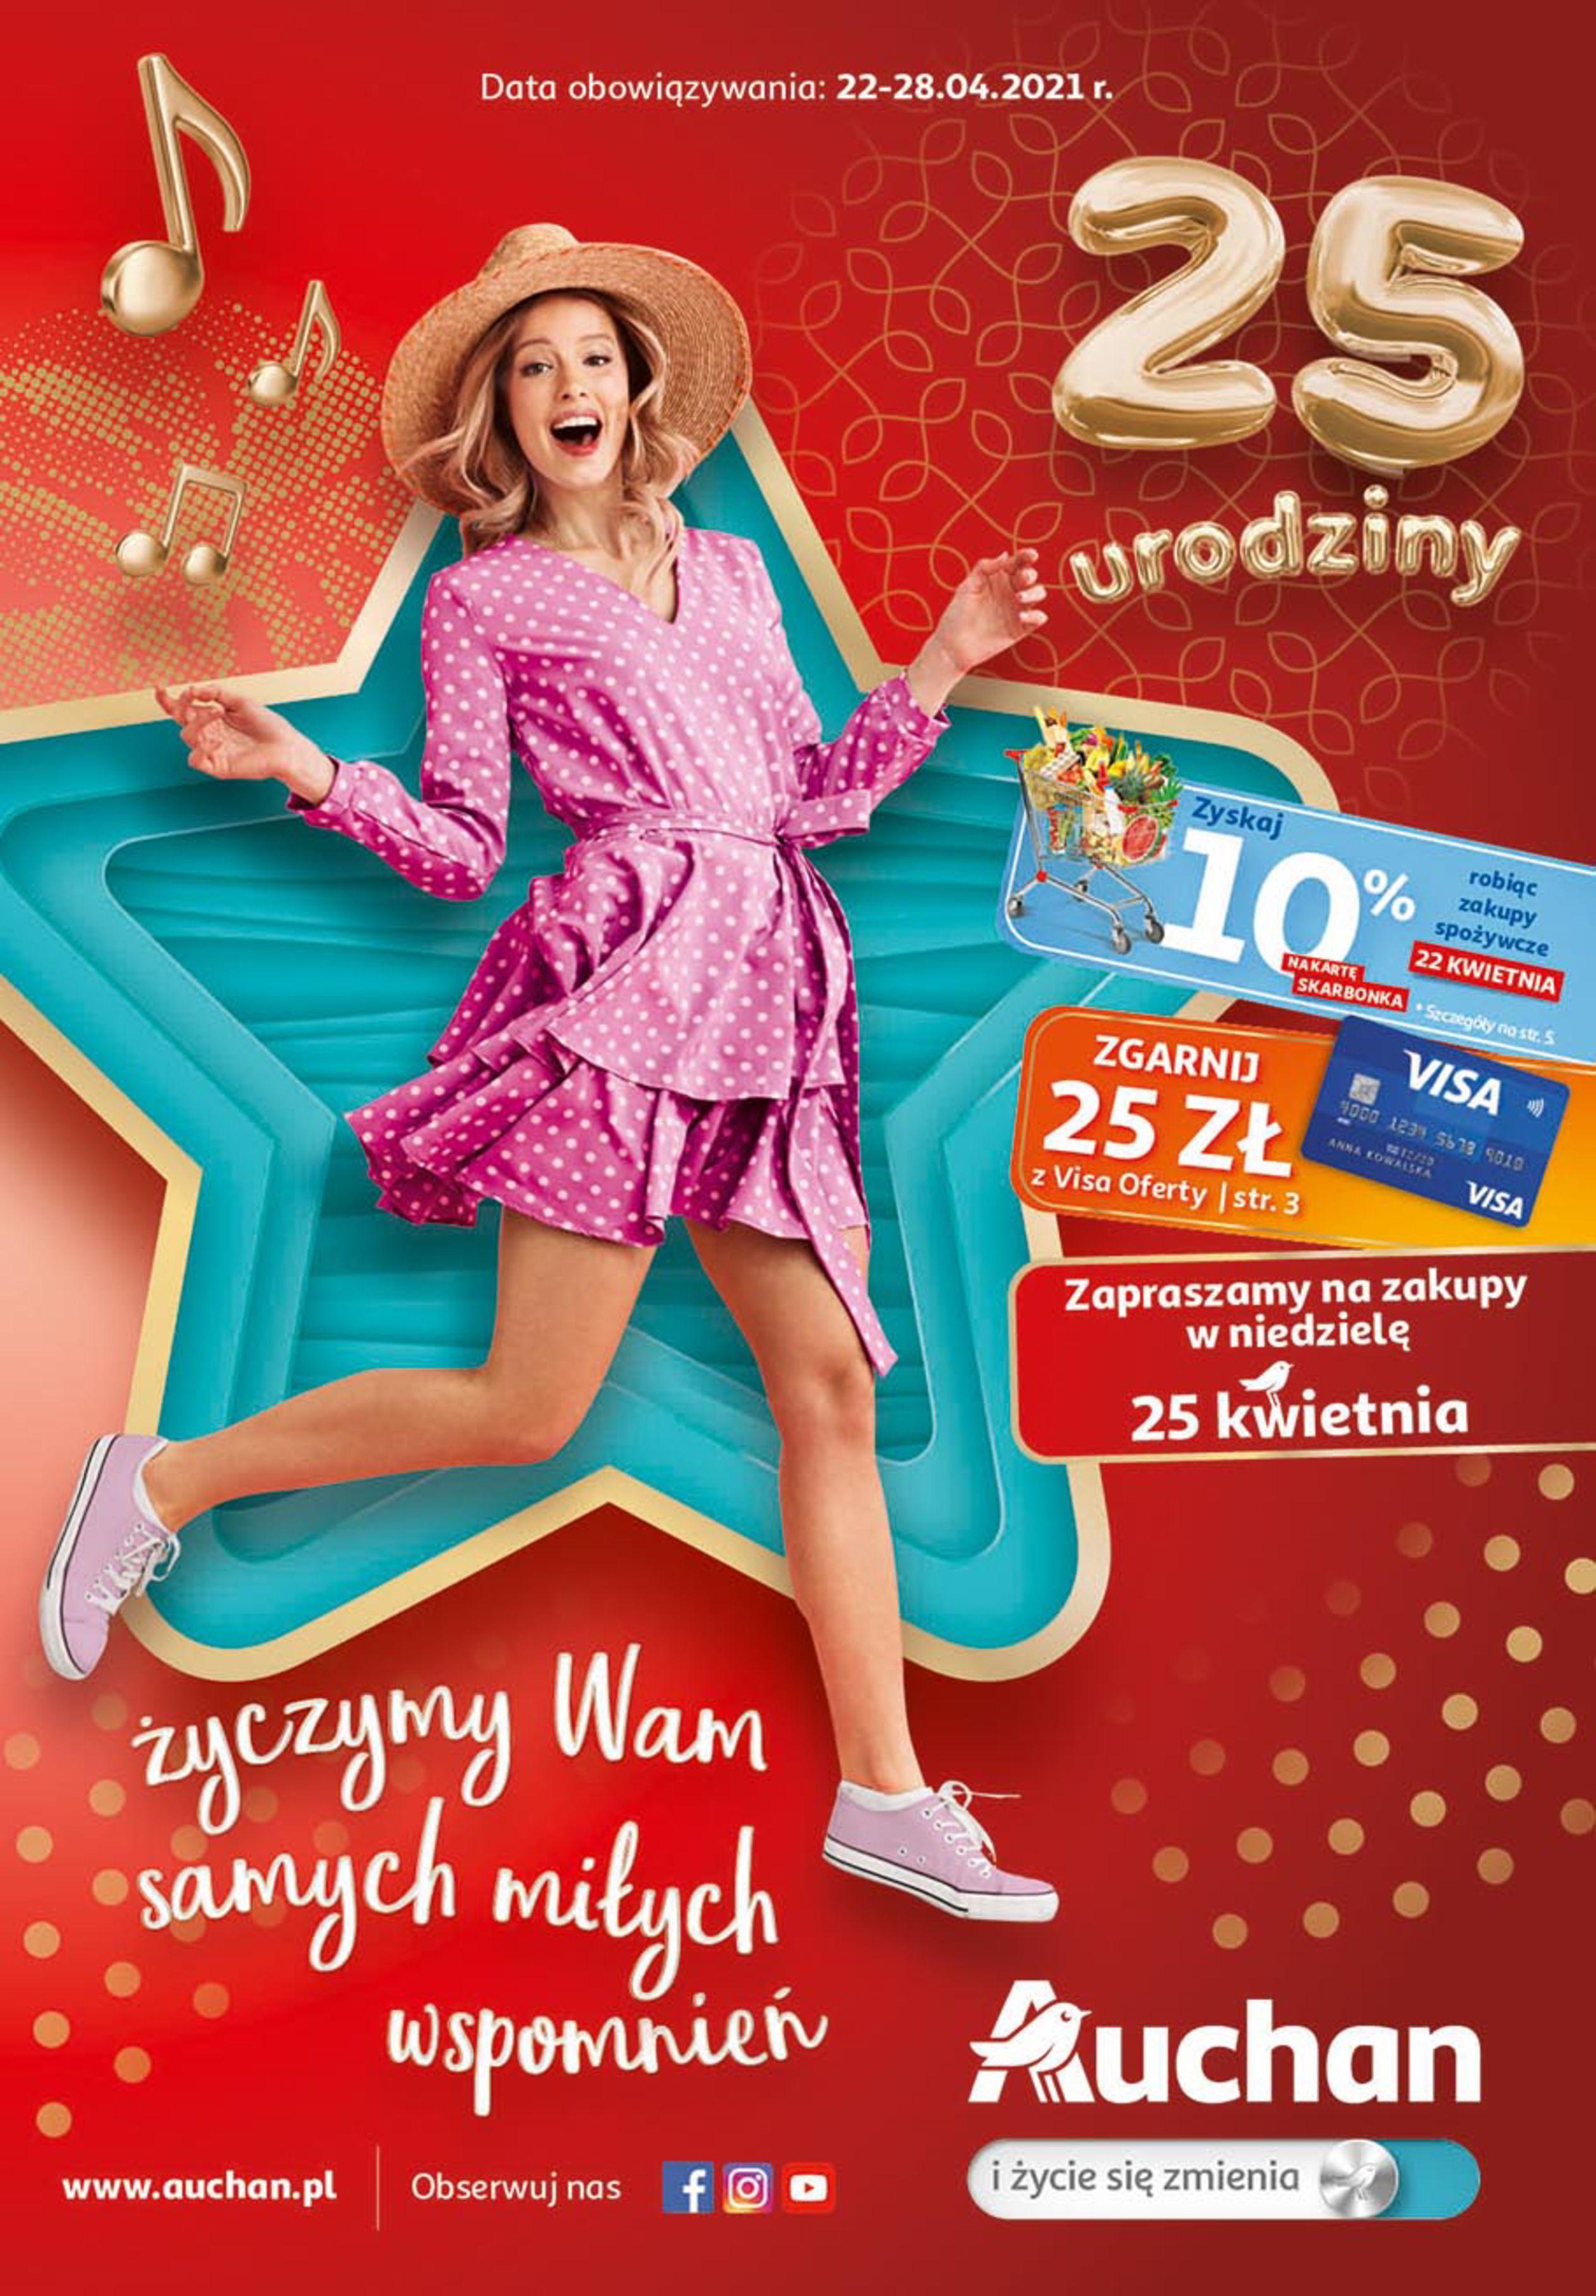 Auchan:  Oferta handlowa 21.04.2021